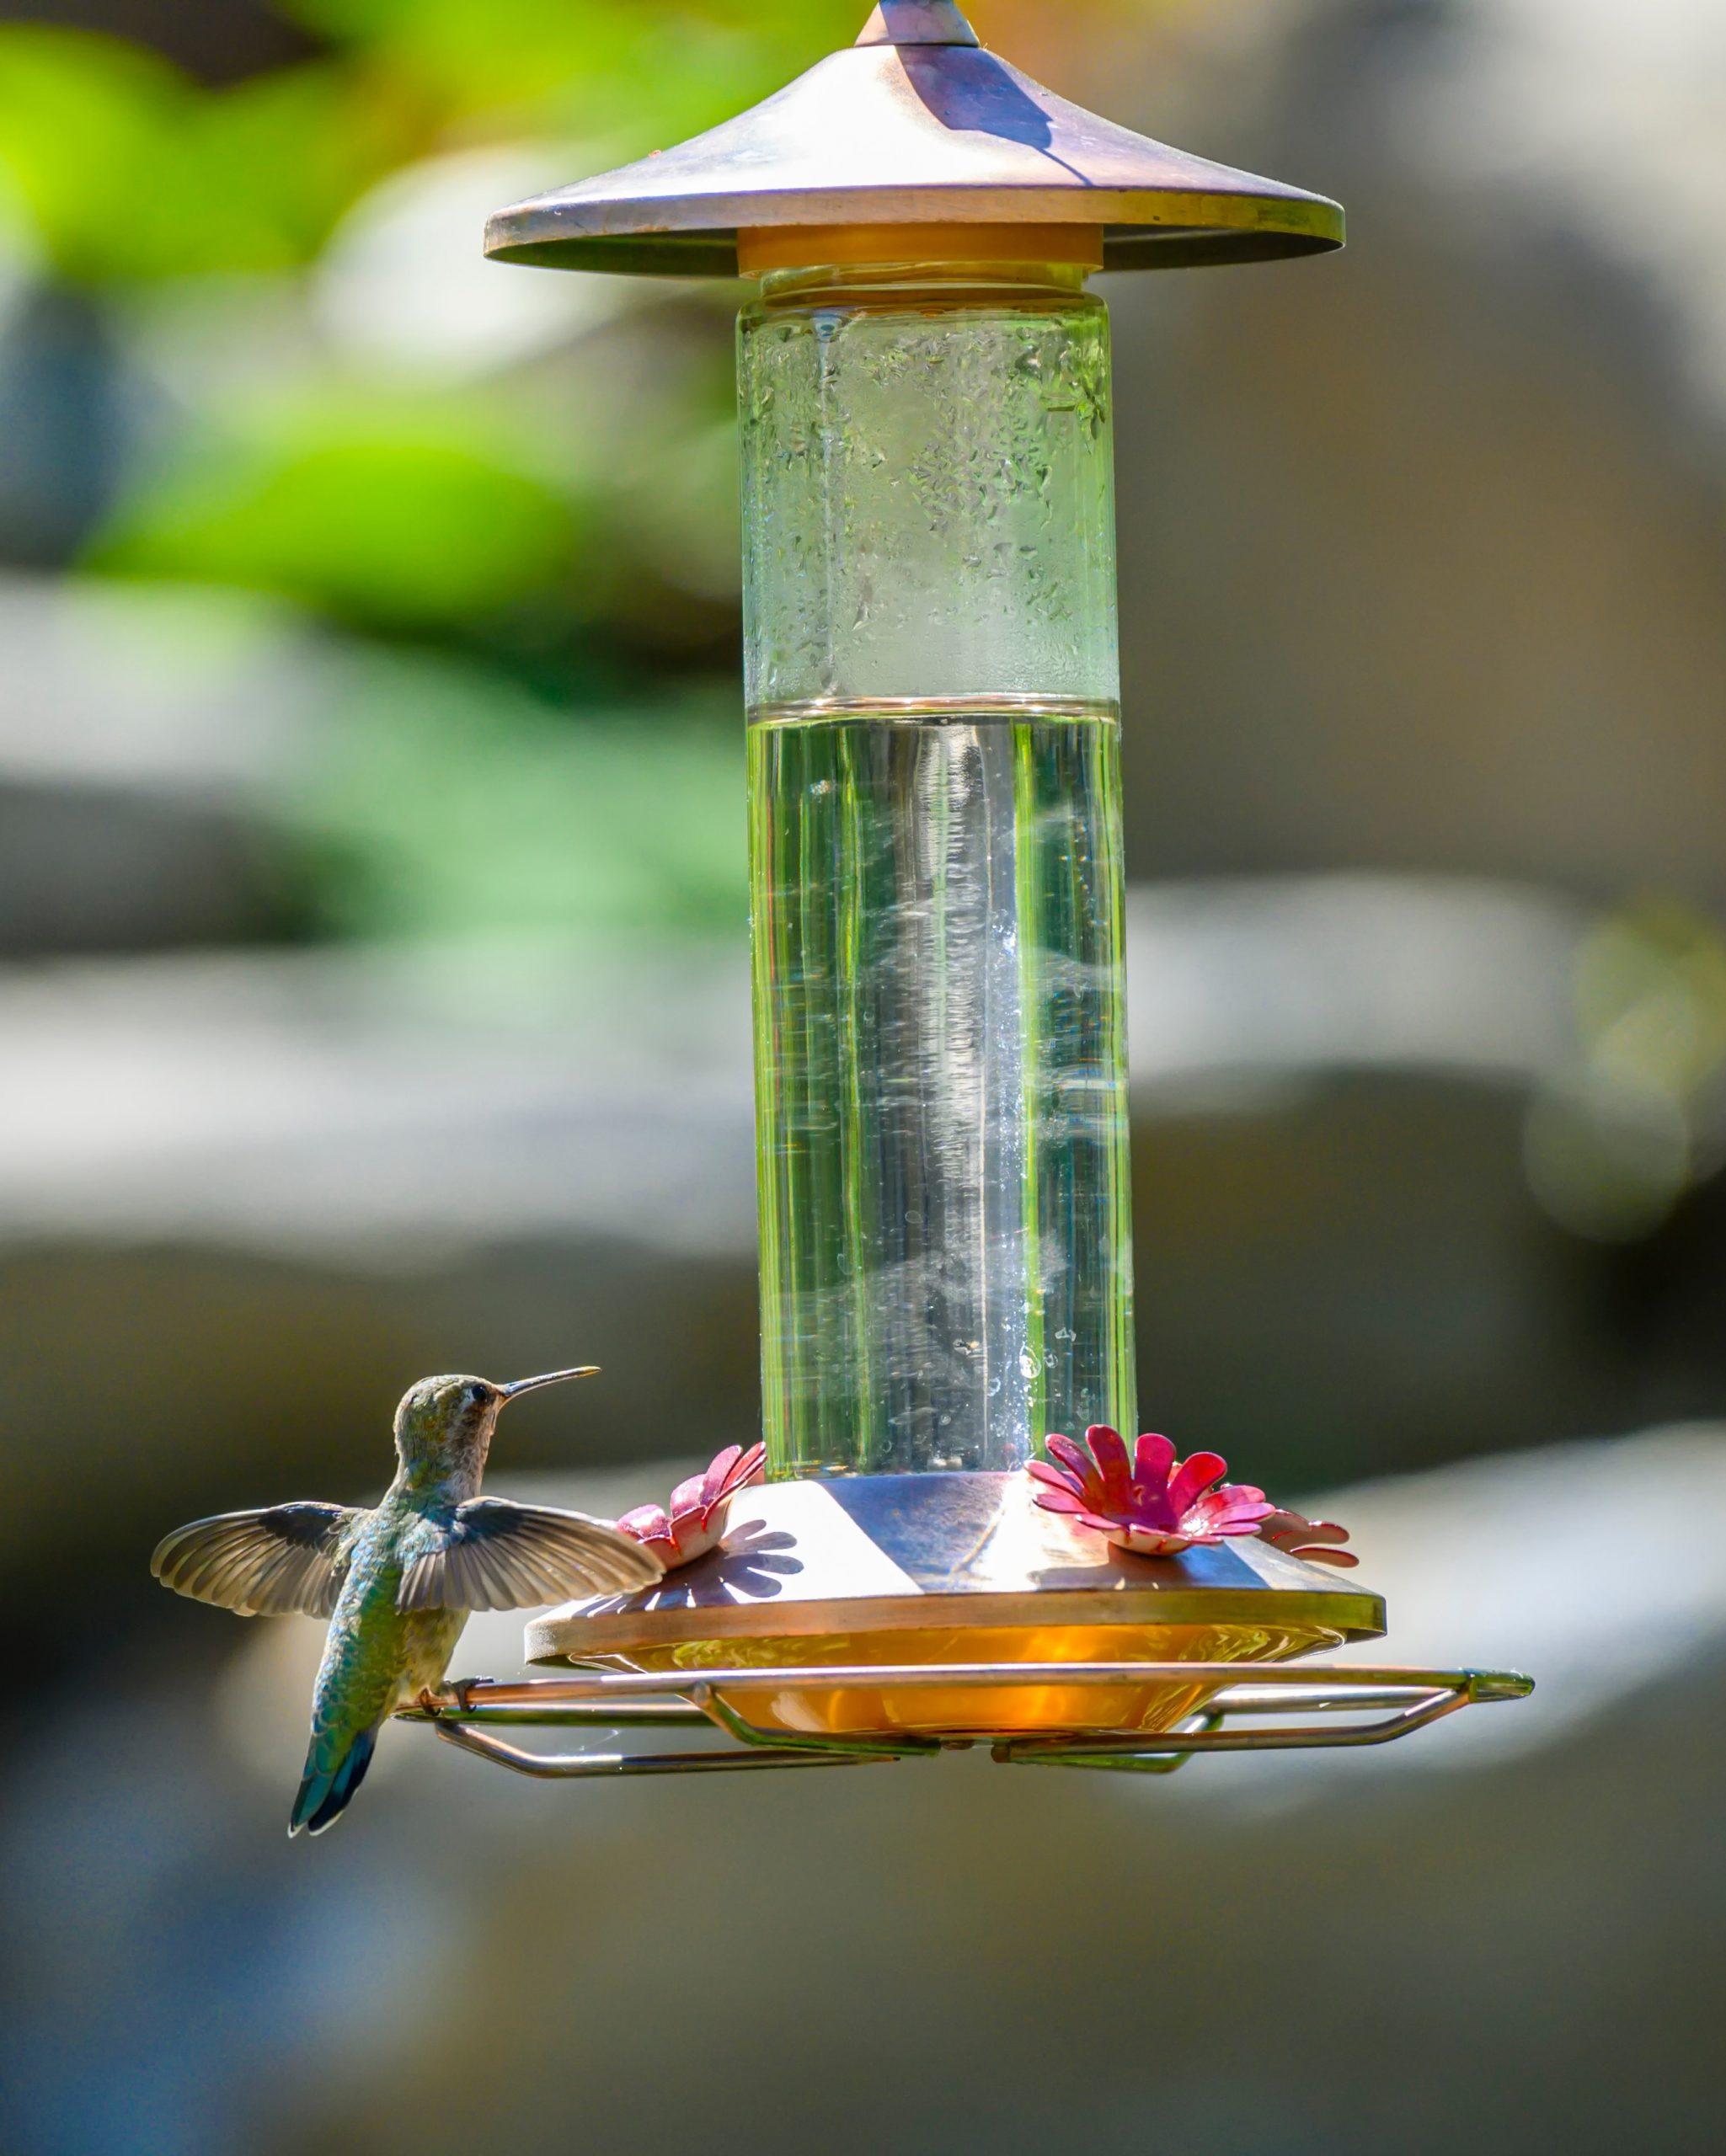 Do you feed the birds in your garden?